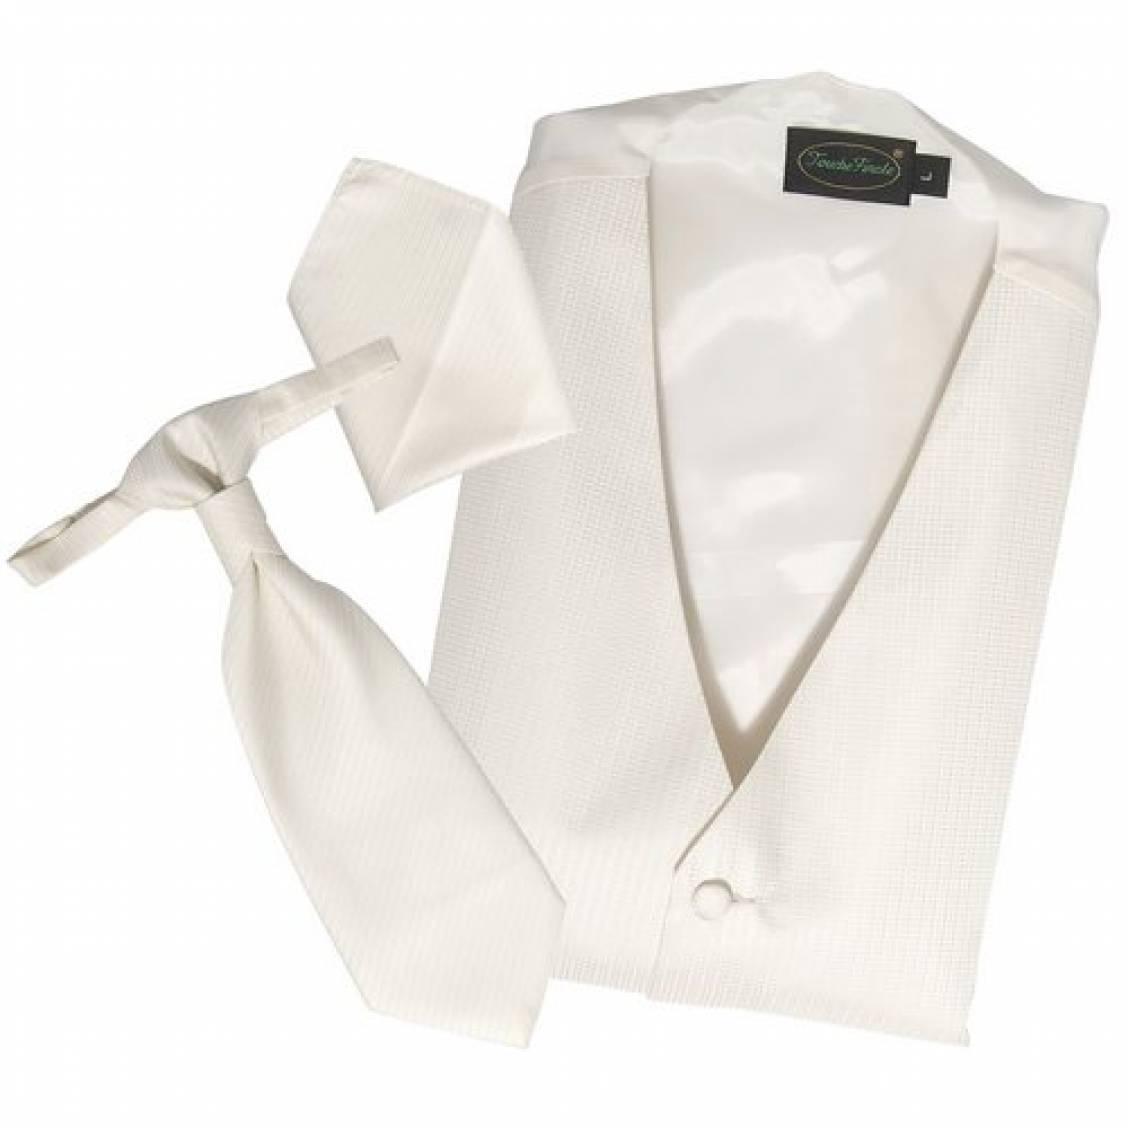 Set de cérémonie: gilet, cravalière et pochette ton crème. Set de cérémonie composé d'un gilet, d'une